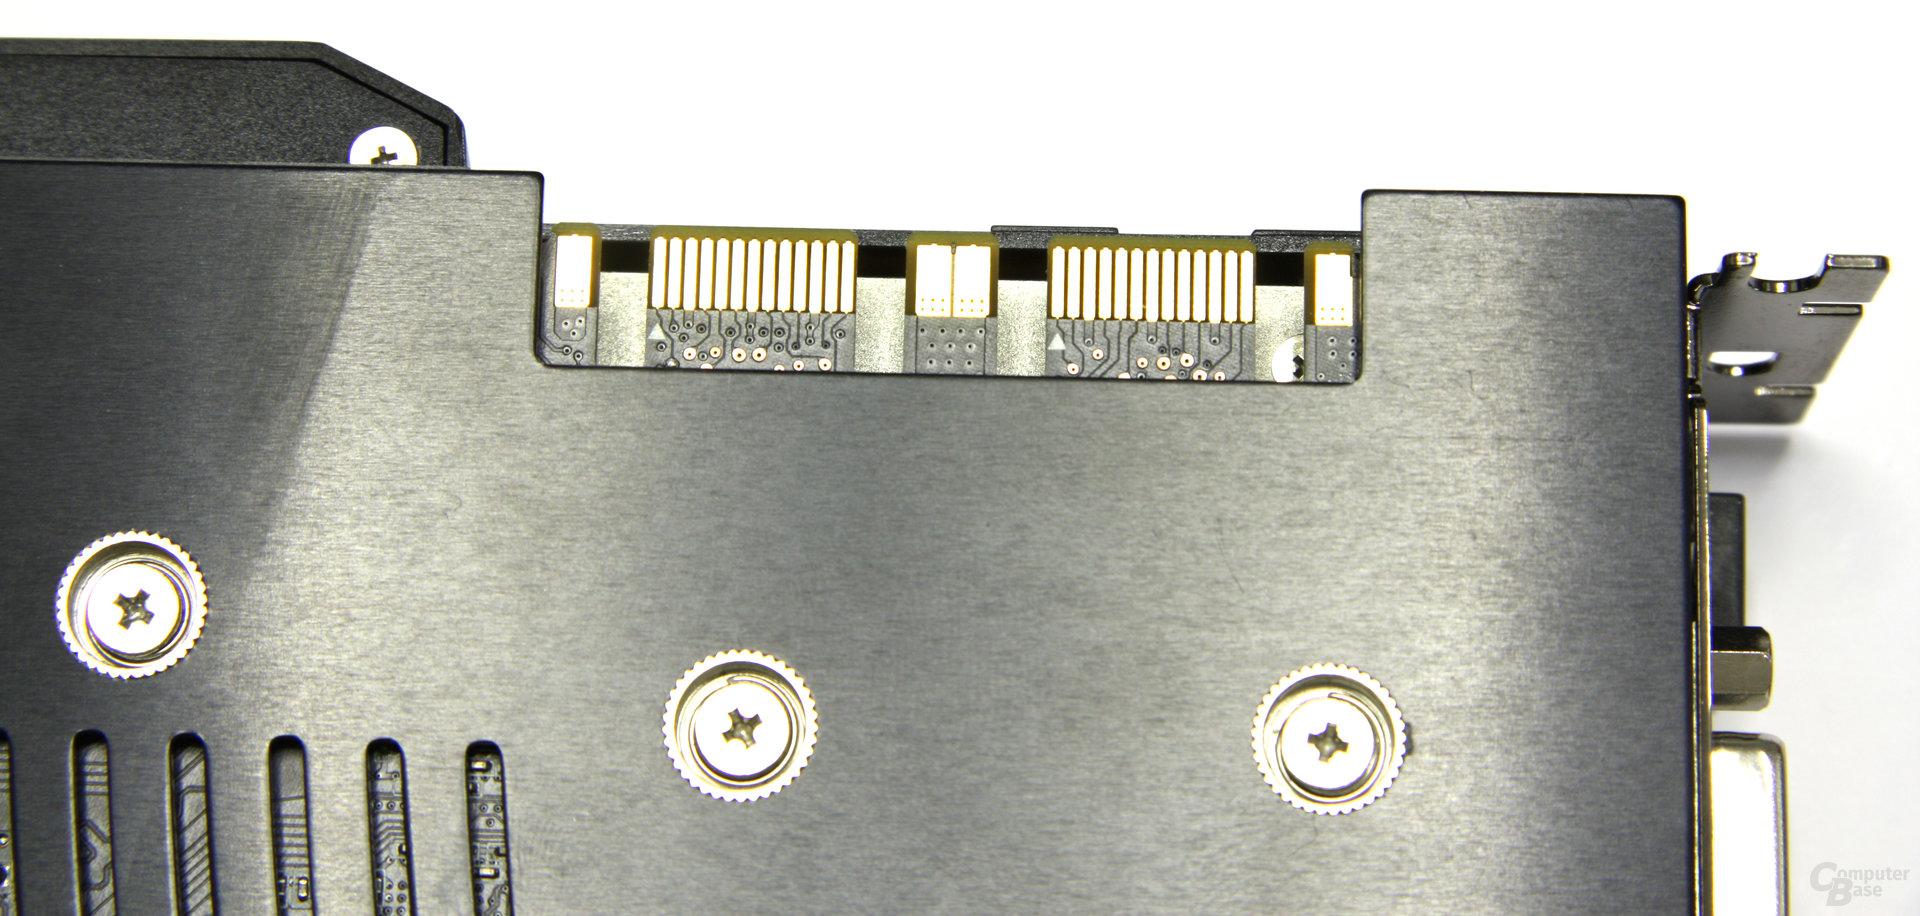 GeForce GTX 285 Matrix SLI-Anschlüsse